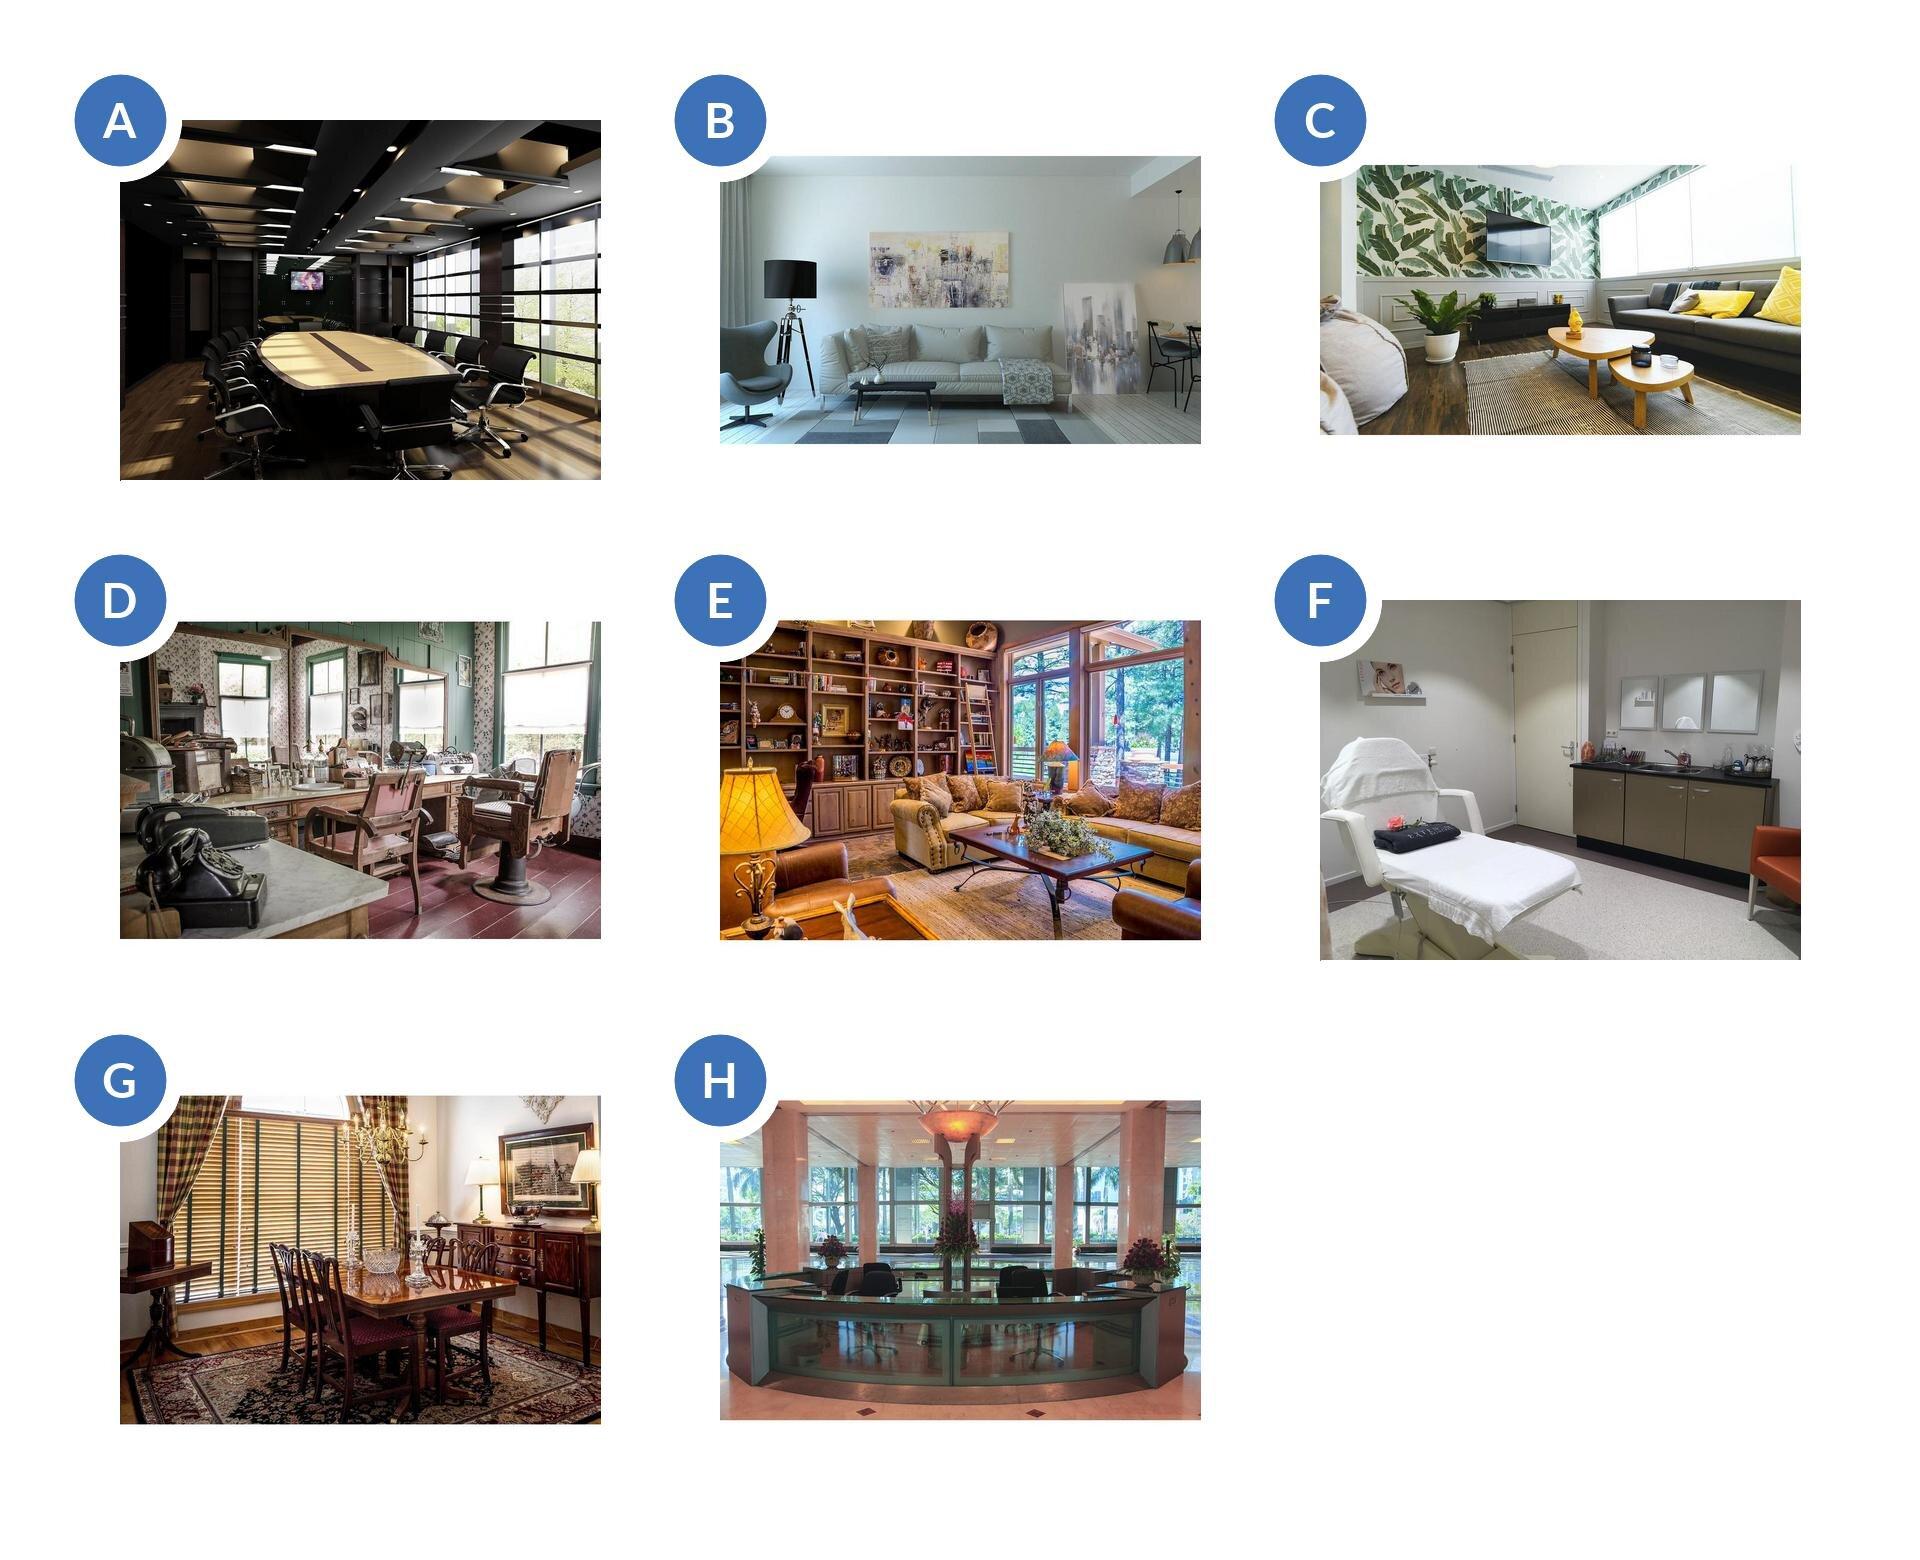 Pierwsze zdjęcie przedstawia salę konferencyjną. Na środku znajduje się duży stół, wokół którego ustawione są krzesła. Na jednej ze ścian wisi telewizor. Drugie zdjęcie przedstawia pomieszczenie, wktórym na głównej ścianie stoi sofa. Nad nią wisi obraz. Obok stoi również czarna lampa iszary fotel. Podłoga jest zrobiona zkafli oróżnych odcieniach: szare, białe, czarne. Trzecie zdjęcie przedstawia pokój. Widać dwie ściany. Na jednej wzdłuż są okna, apod nimi stoi długa szara sofa. Na drugiej ścianie jest położona tapeta wzielone wzory, wisi telewizor, ana podłodze stoi szafka. Na środku jest dywan istolik. Czwarte zdjęcie przedstawia pokój ze starymi fotelami fryzjerskimi ustawionymi przed lustrami. Wystrój jest niczym zlat 80-tych. Piąte zdjęcie salon. Jedna ze ścian jest zabudowana regałem zpułkami iszafkami udołu. Na środku stoi stół, który otoczony jest sofą oraz fotelami. Na podłodze mamy dywan. Szóste zdjęcie przedstawia pokój na środku którego stoi fotel do masarzu lub prowadzenia zabiegów kosmetycznych. Pod ścianą szafki ze zlewem idrzwi. Siódme zdjęcie to gabinet, wktórym znajdują się meble wstylu secesyjnym. Pod ścianą stoi komoda na długich nogach. Nad meblem wisi obraz. Na środku znajduje się stół otoczony krzesłami, ana podłodze leży dywan. Na drugiej ścianie są okna zasłonięte roletami, aobok zwisają dwie zasłony związane na środku. Ósme zdjęcie przedstawia hol wbudynku. Jest umiejscowiony na środku ima kształt koła. Wśrodku stoi duży punkt oświetlający.